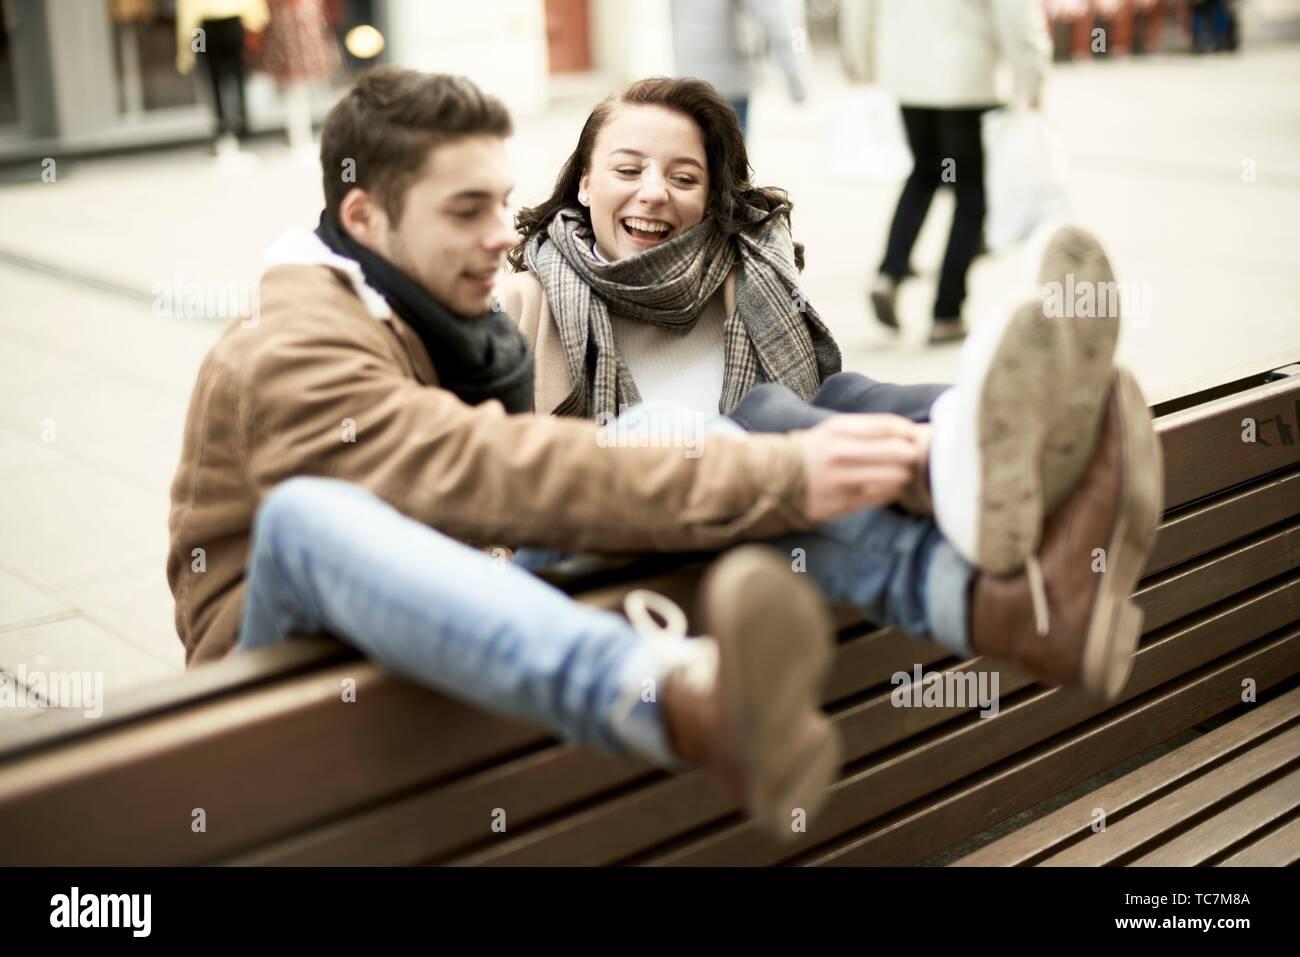 La pareja de adolescentes jóvenes sentados en un banco al revés en ciudad, colgando juntos, patas arriba, boca abajo, en Cottbus, Brandenburgo, Alemania Foto de stock